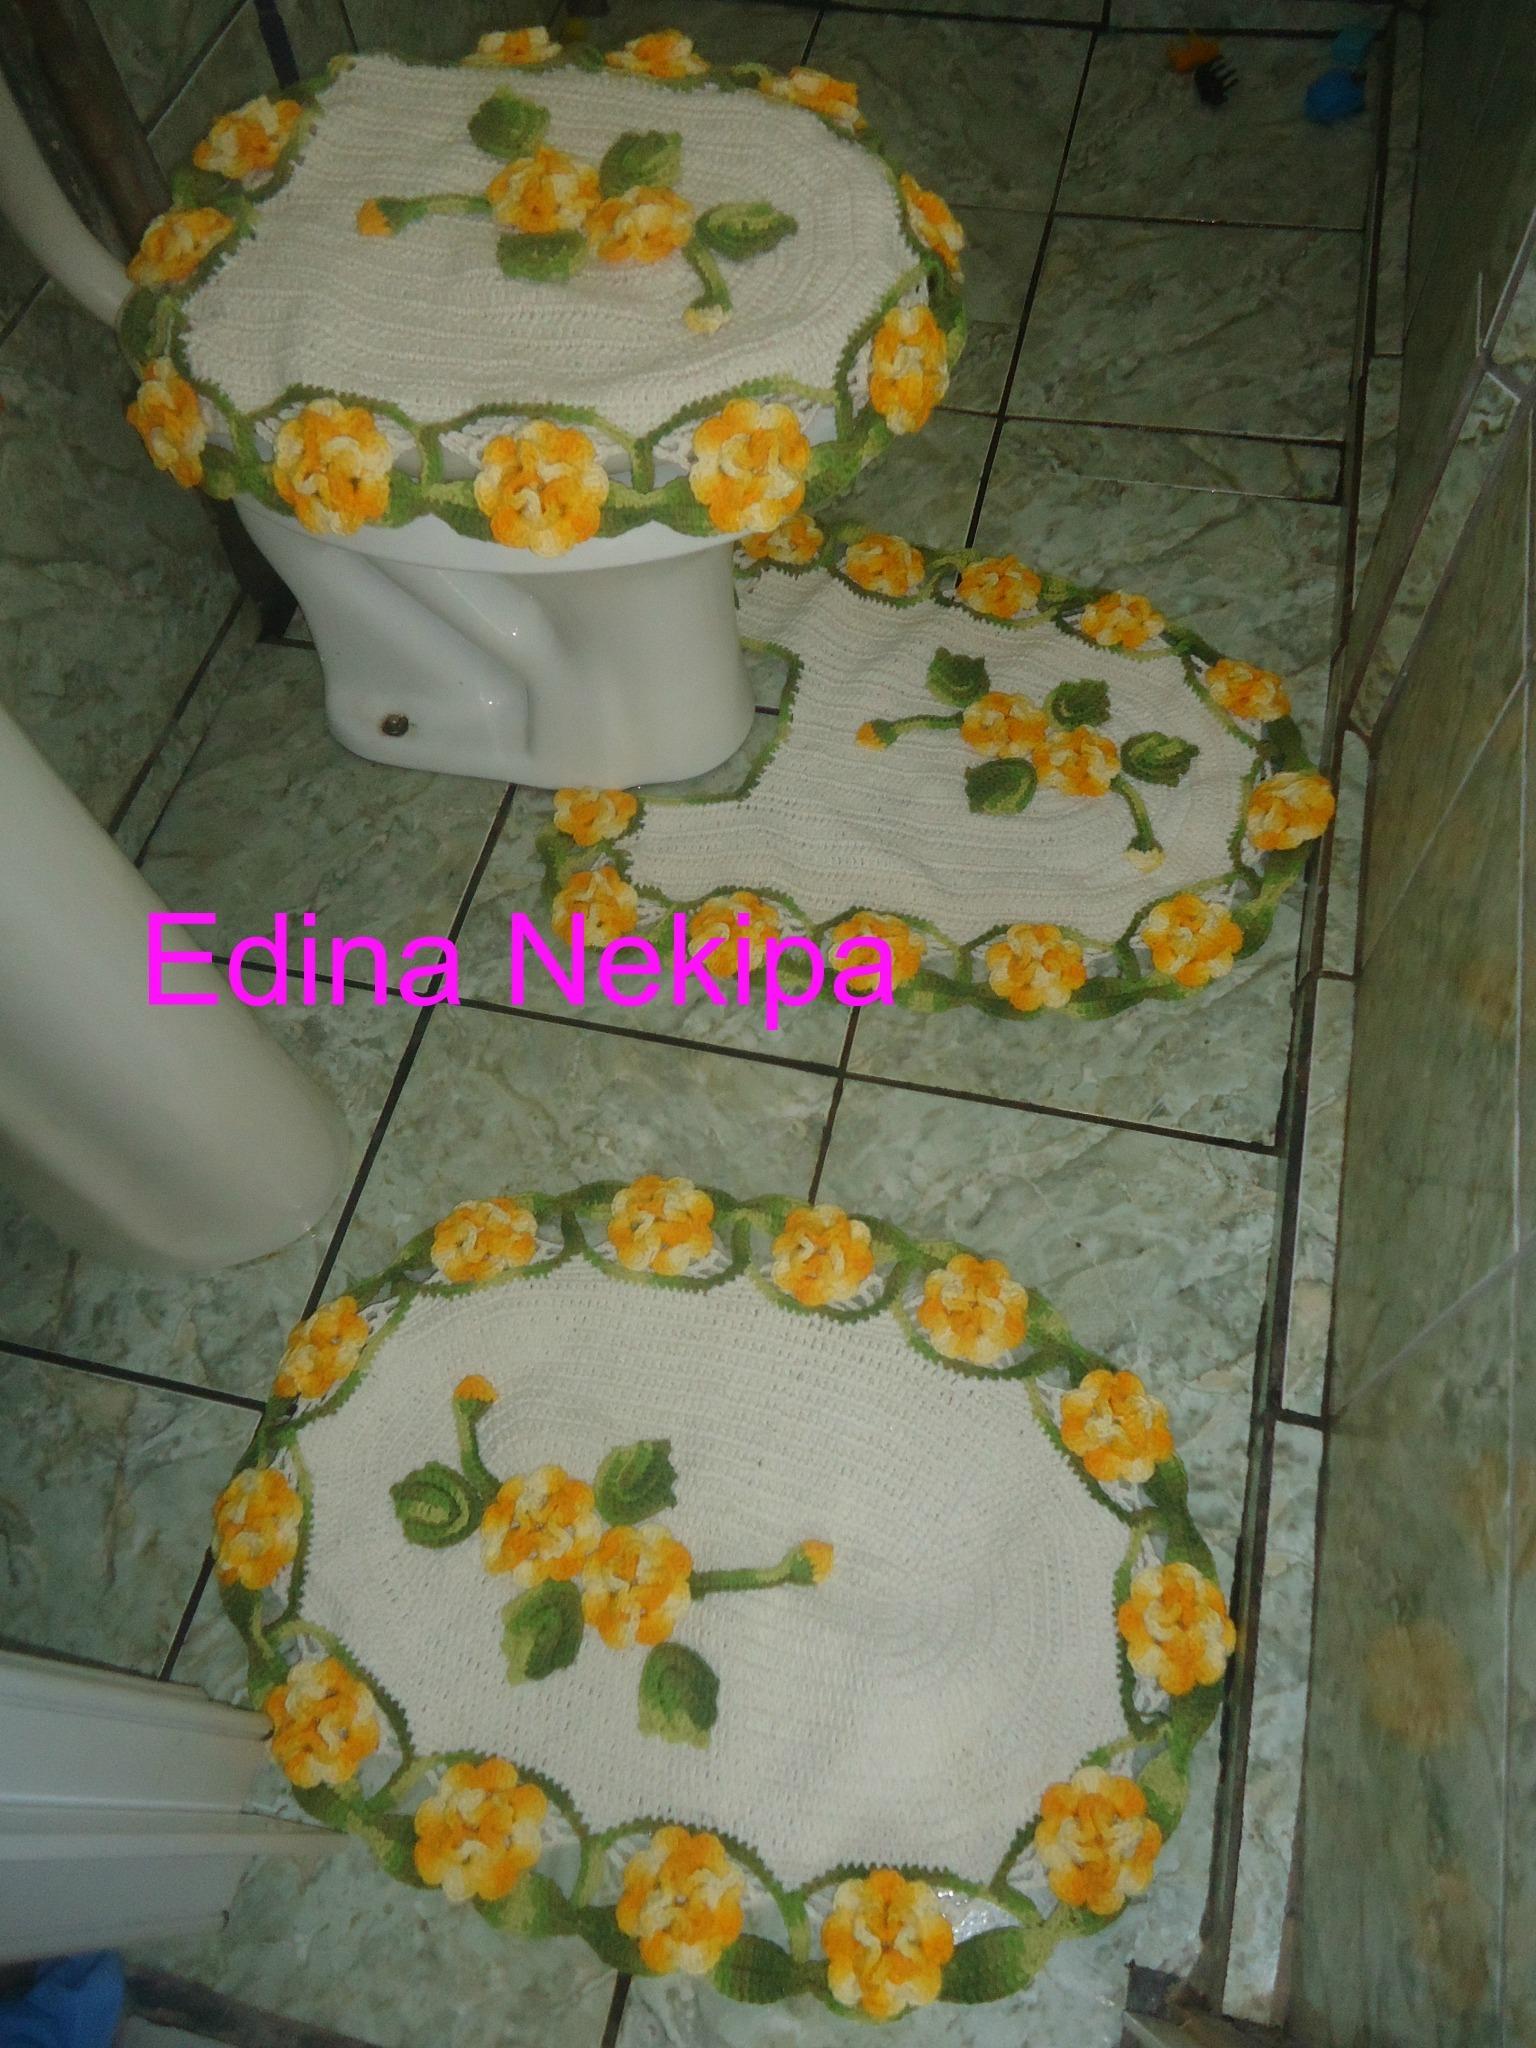 Tapete Floral Para Banheiro : Jogo de tapetes para banheiro com flores Edina Nekipa Croche Elo7